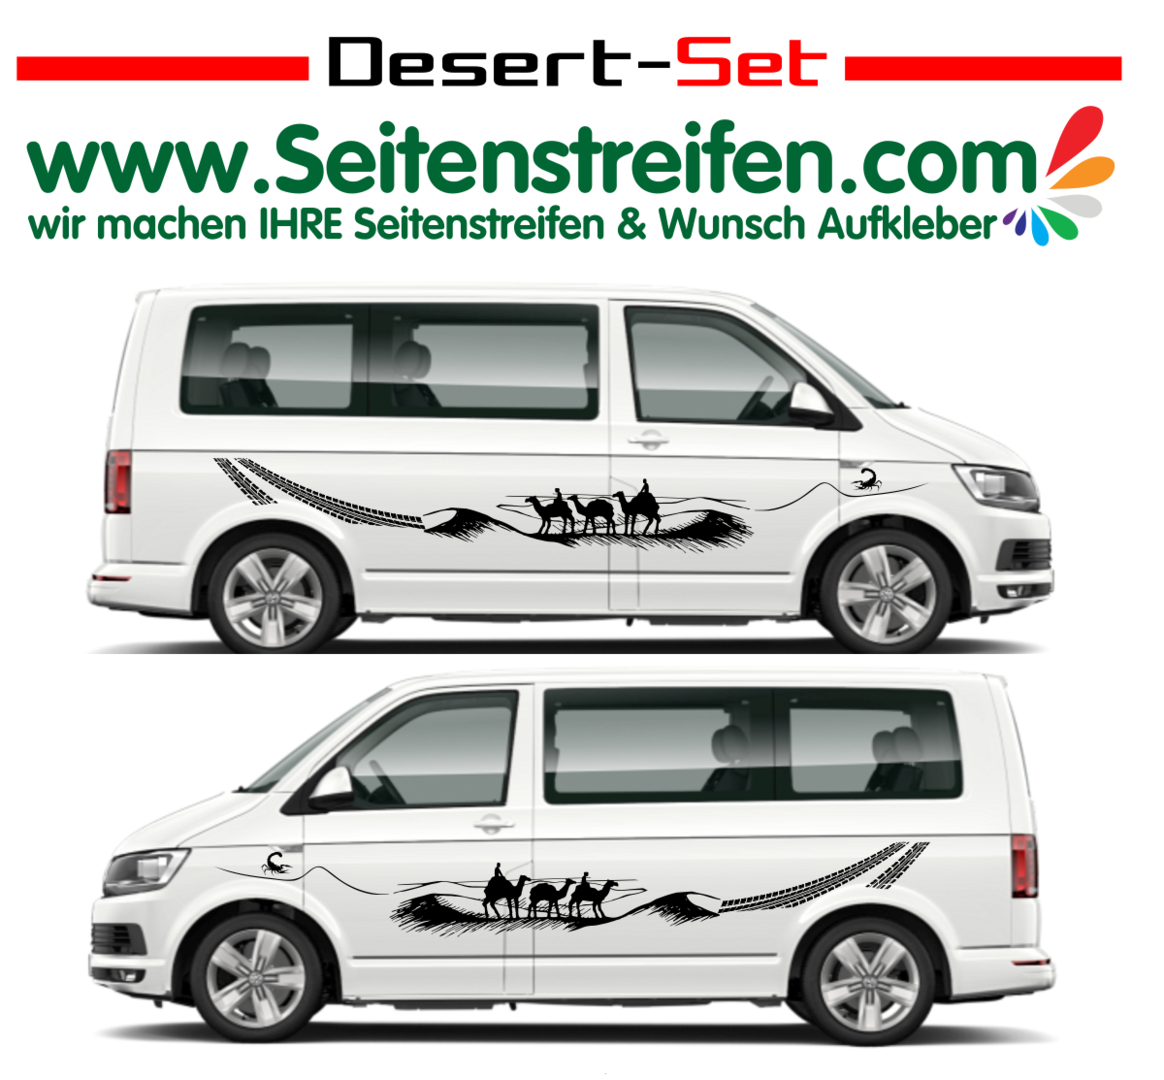 Vw Bus T4 T5 T6 Coole Aufkleber Sets Professionelle Auto